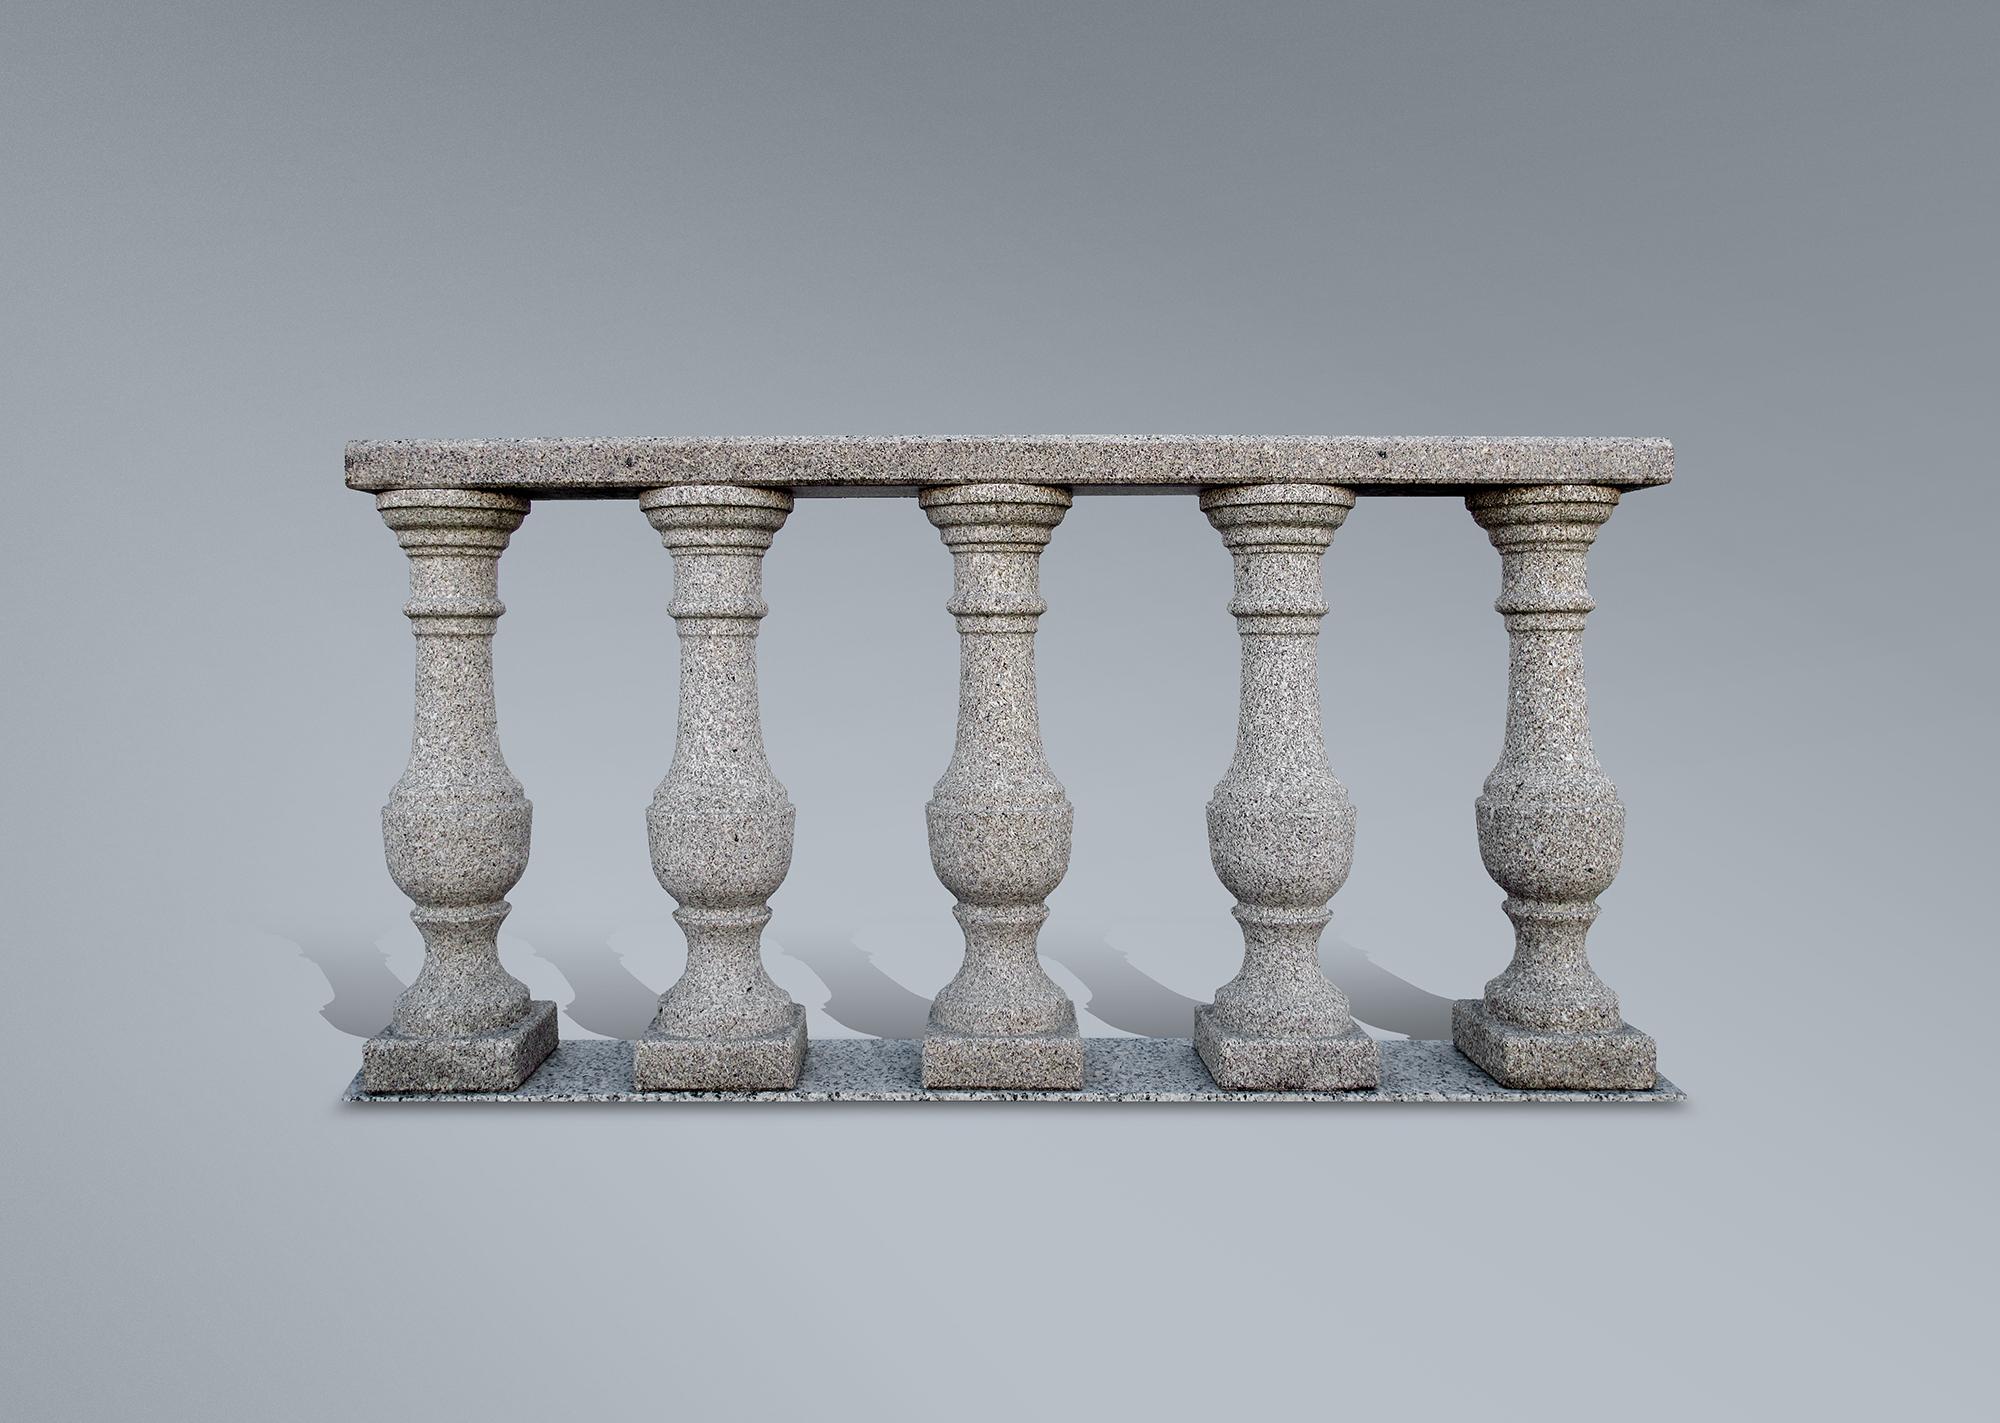 Balaustrada de granito arenado